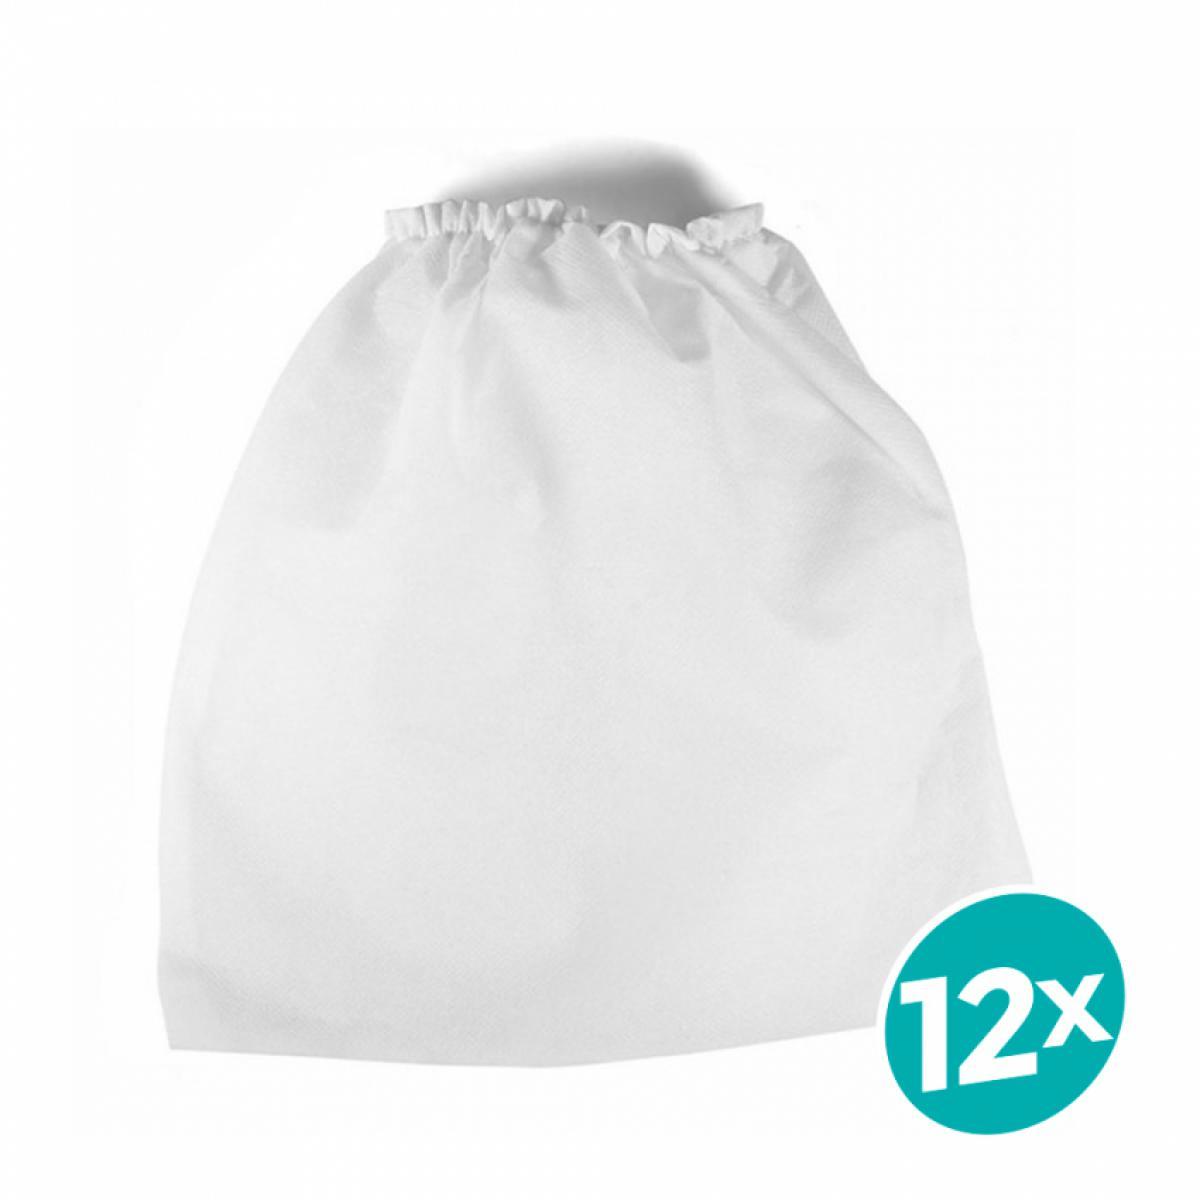 Bodyline - Healt And Massage Lot de 12 sacs universels professionnels pour aspirateur manucure